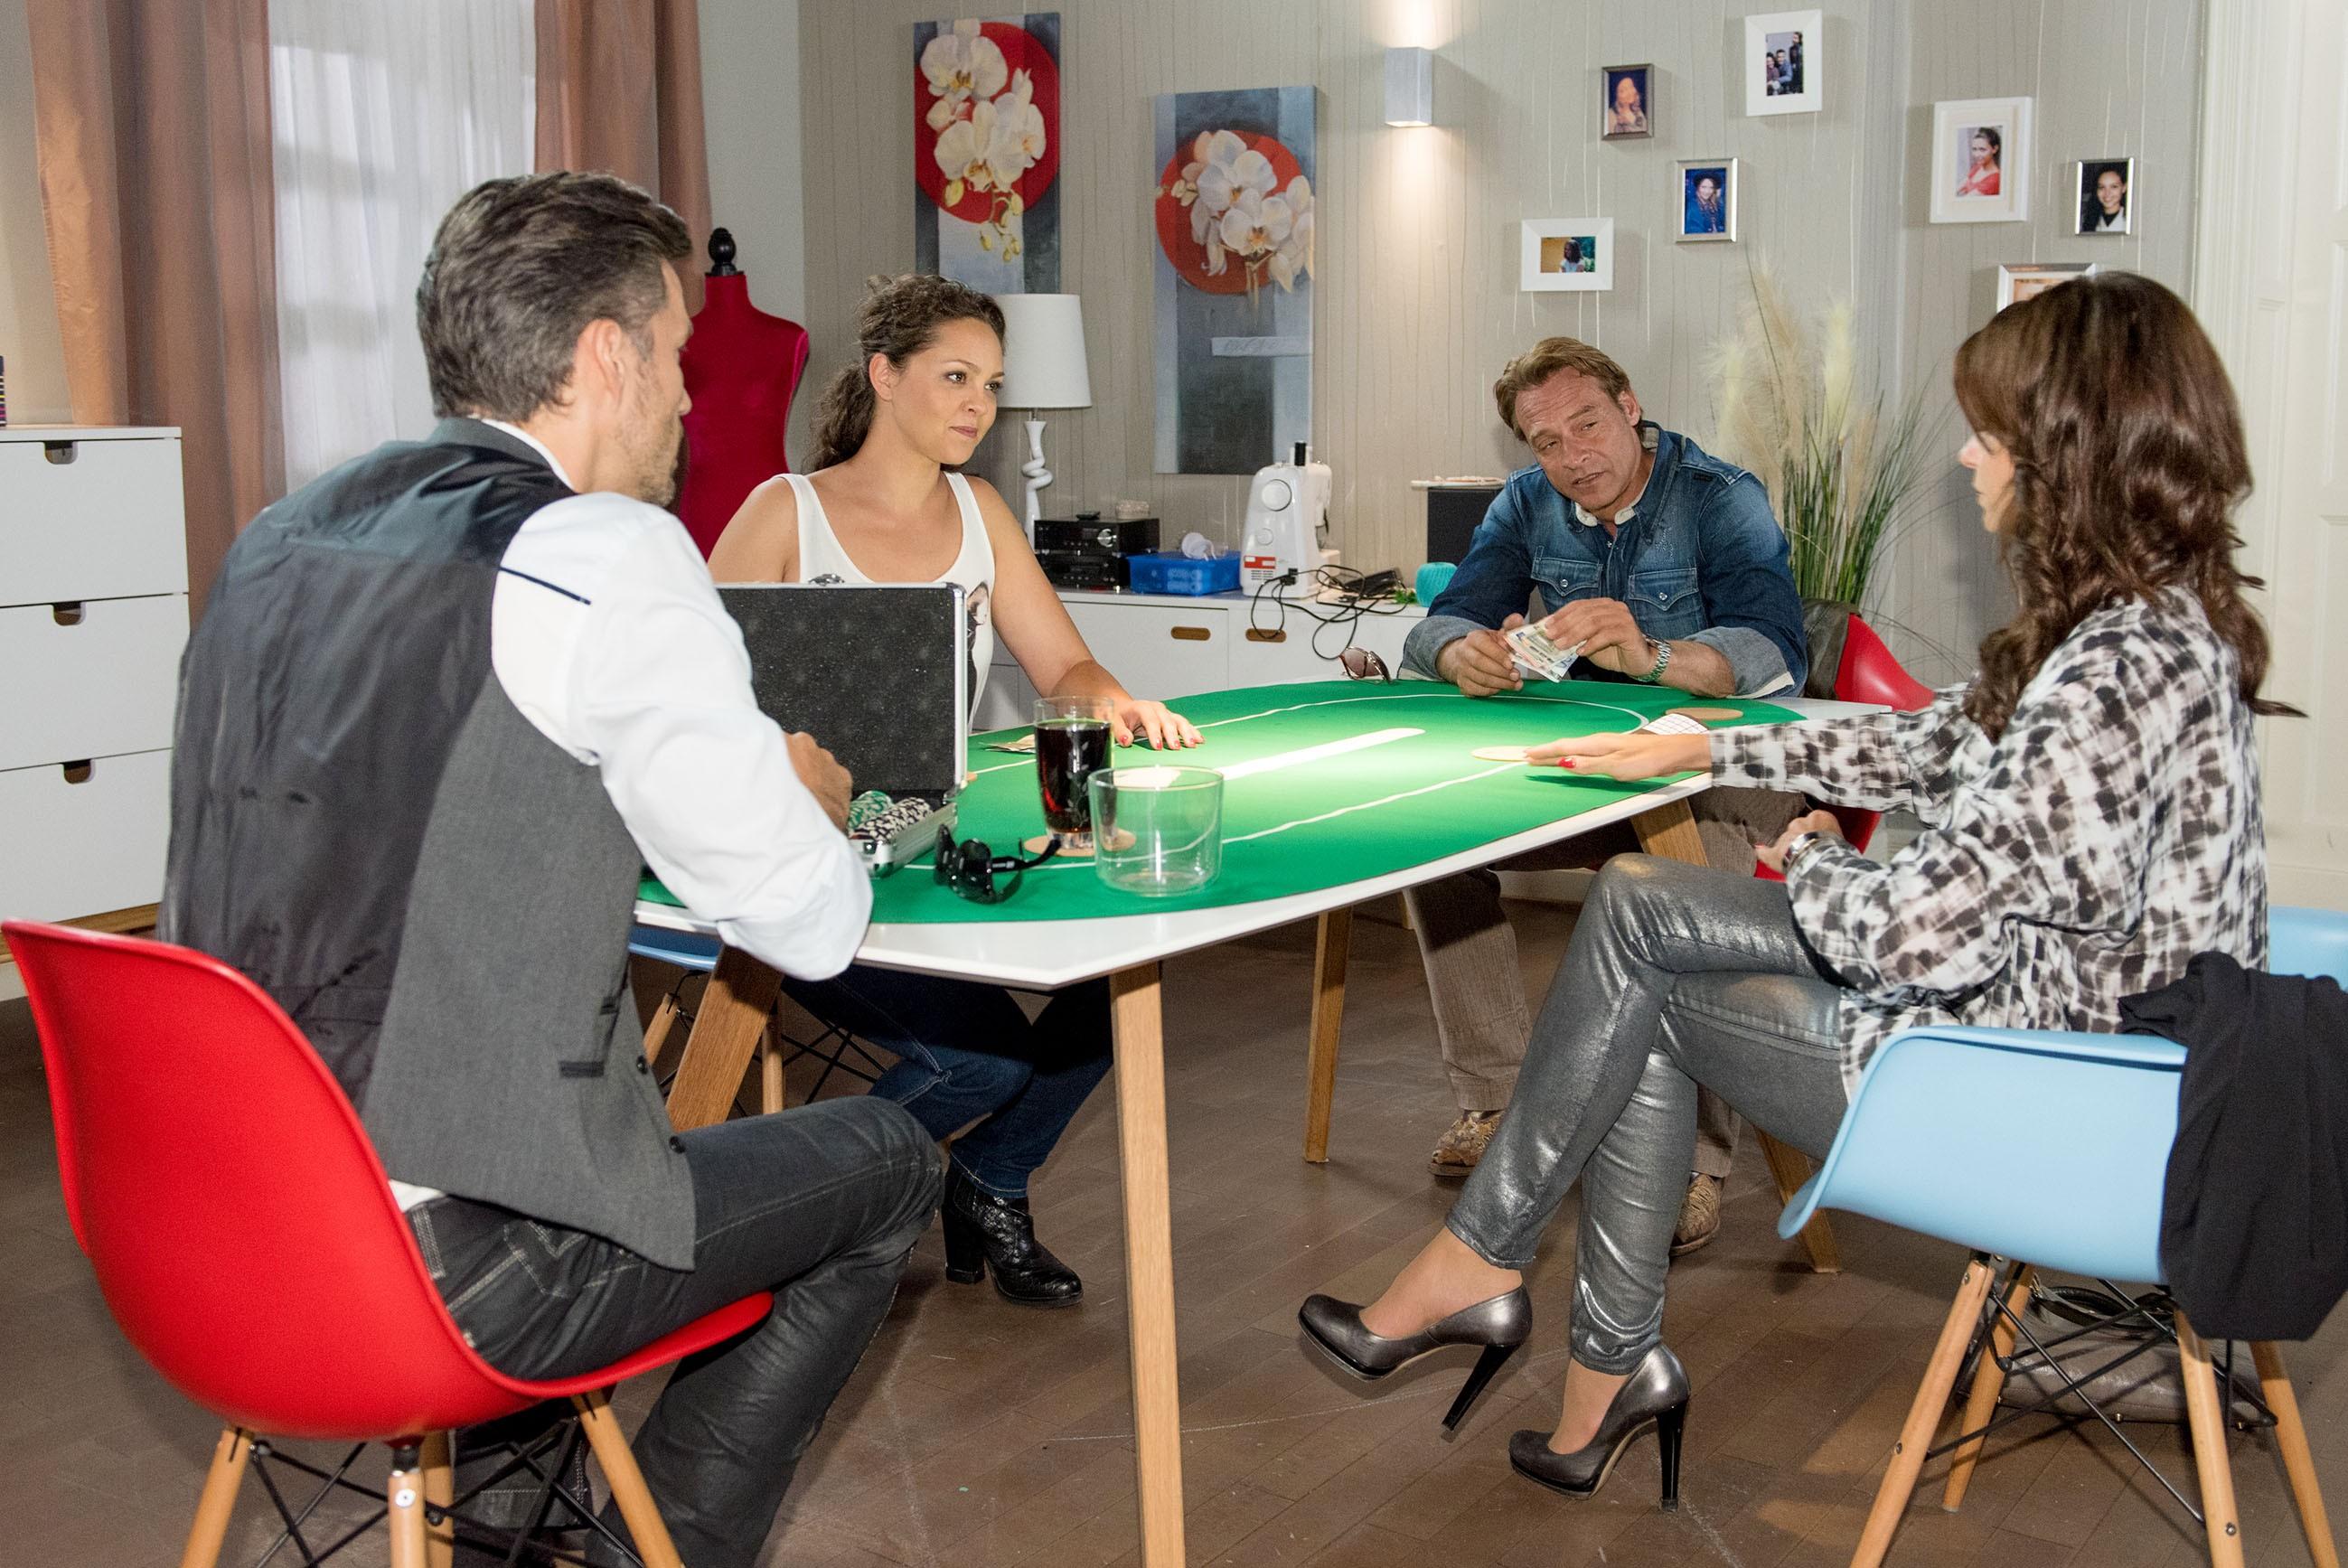 Malte (Stefan Bockelmann, l.) und Caro (Ines Kurenbach)gehen siegessicher in das Poker-Duell mit Rufus (Kai Noll) und Britta (Tabea Heynig). (Quelle: RTL / Stefan Behrens)